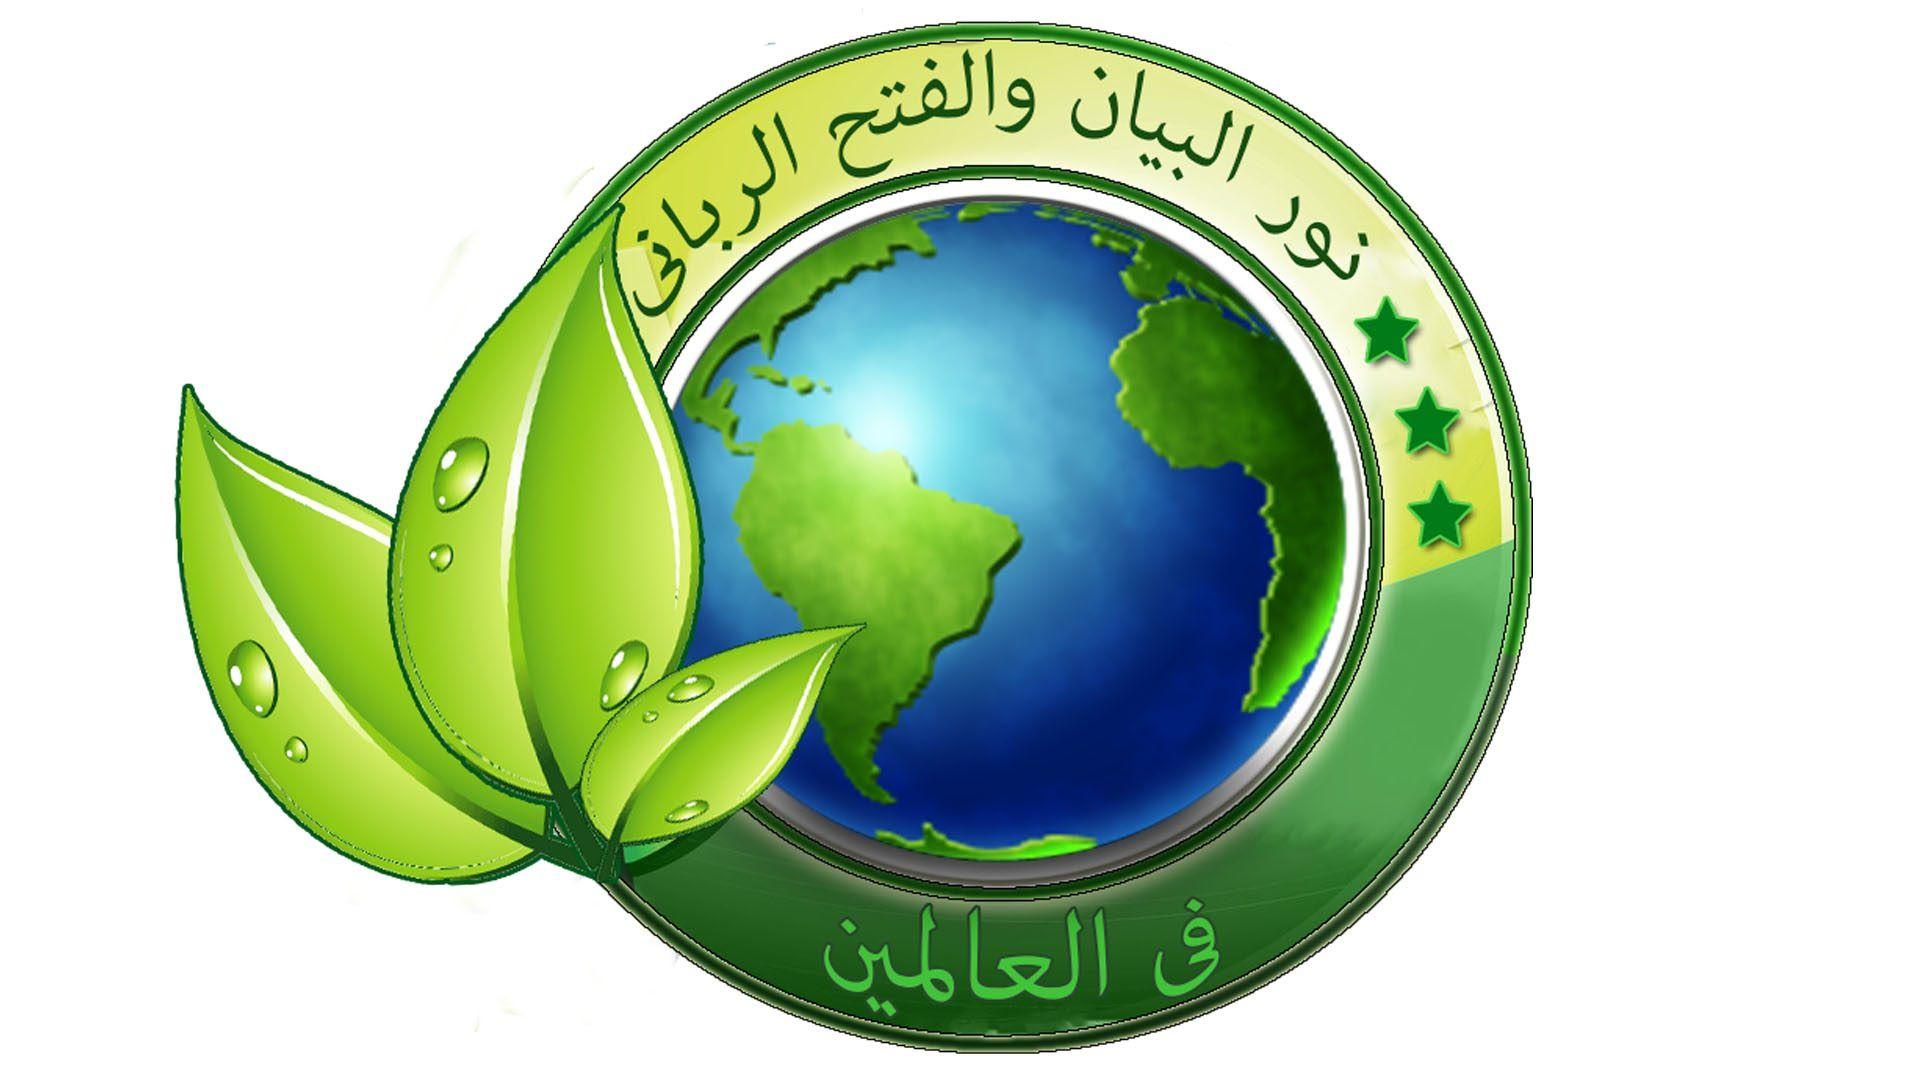 دورة شرح ثلاث كتب تربوية للدكتور جمال القرش عرب القران مصر Books